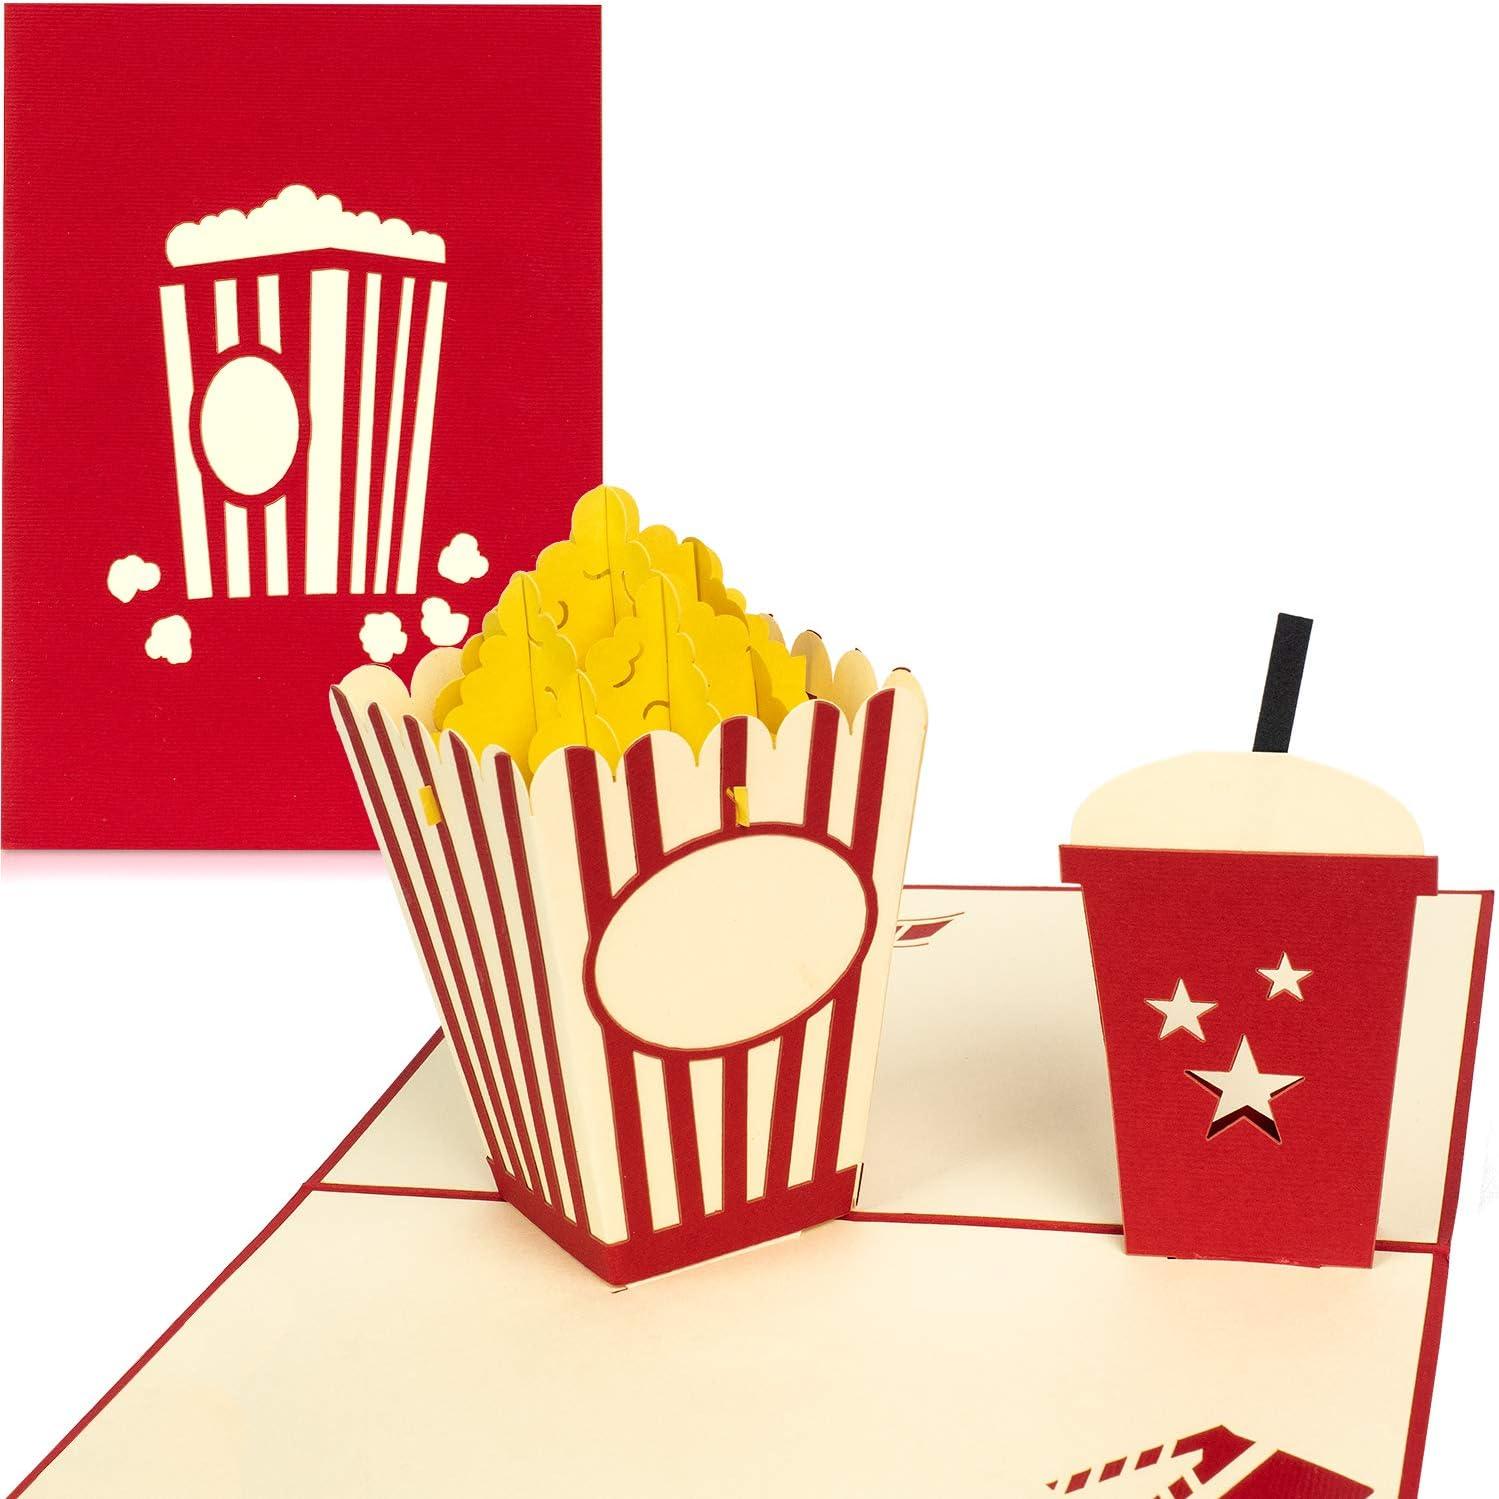 PaperCrush - Tarjeta pop-up Tarjeta de cupones en 3D como regalo o embalaje para carné de cine. Tarjeta de cumpleaños hecha a mano con palomitas y sobre incluido.